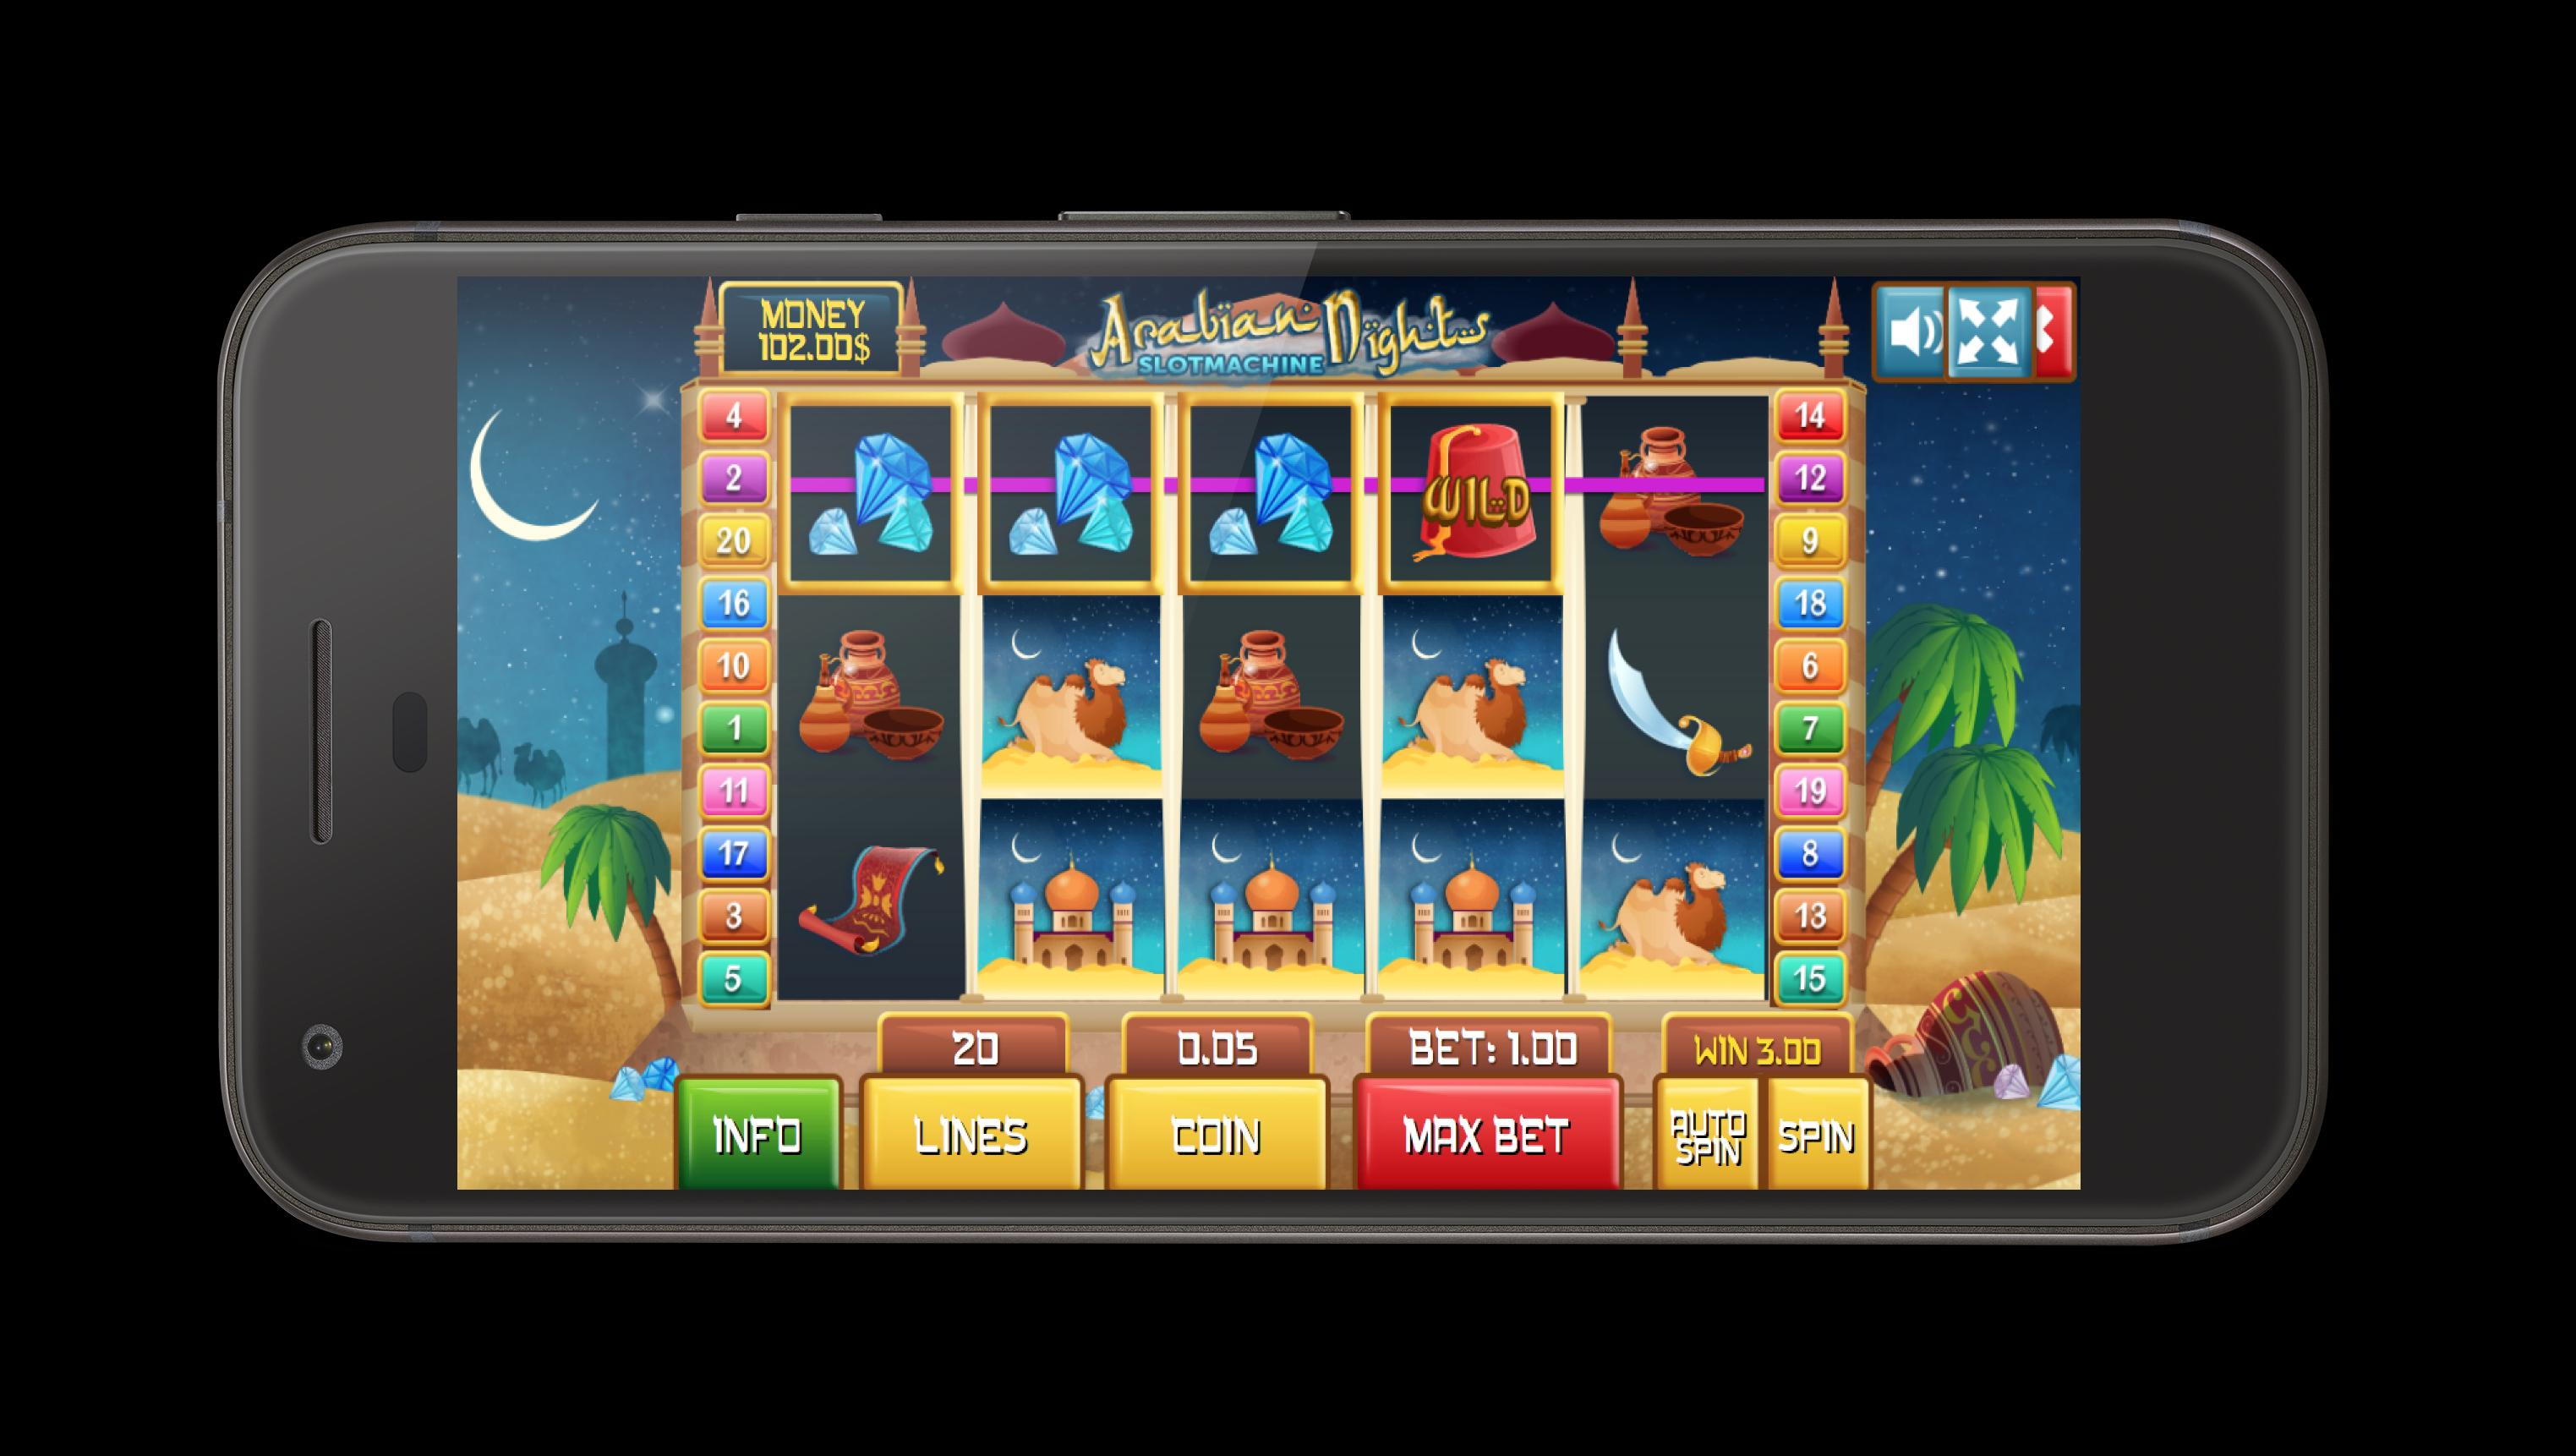 Игровые аппараты на планшет скачать бесплатно смотреть джеймс бонд казино рояль 720